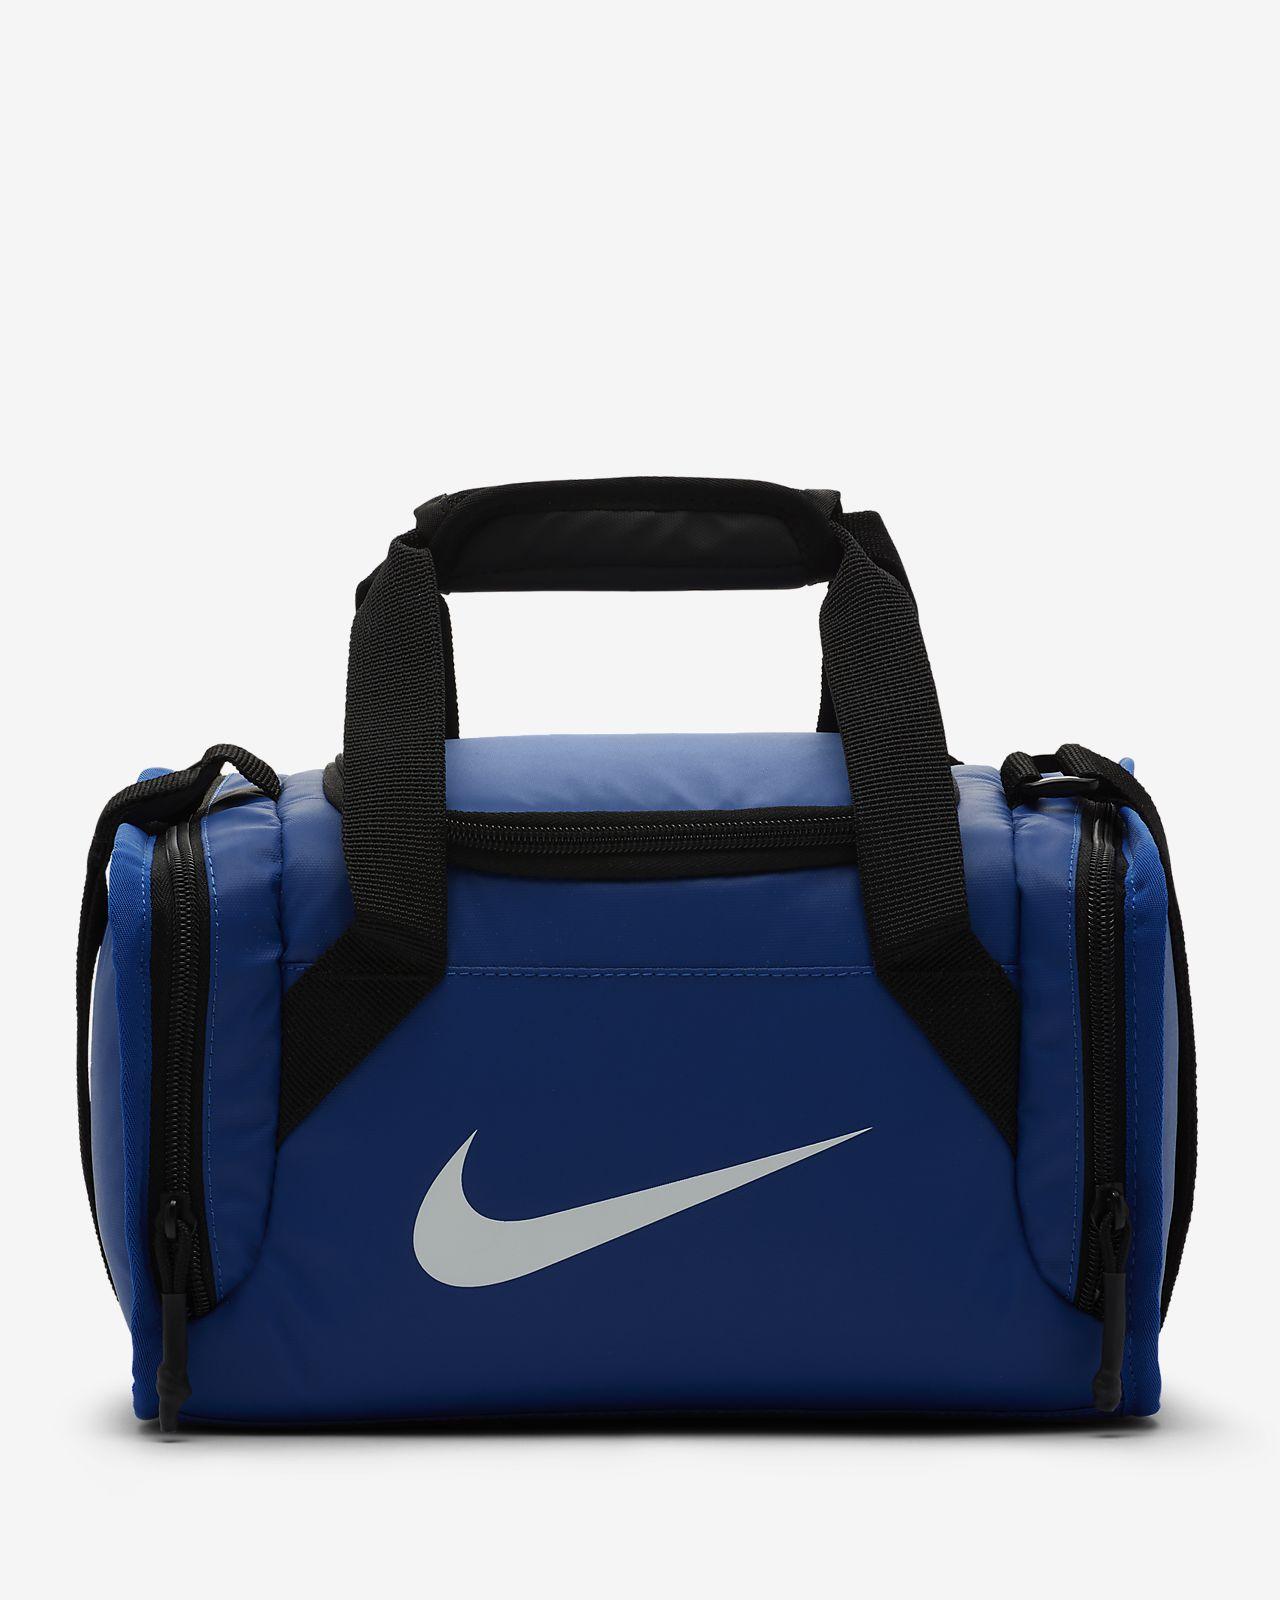 Sac-repas Nike Brasilia Fuel Pack